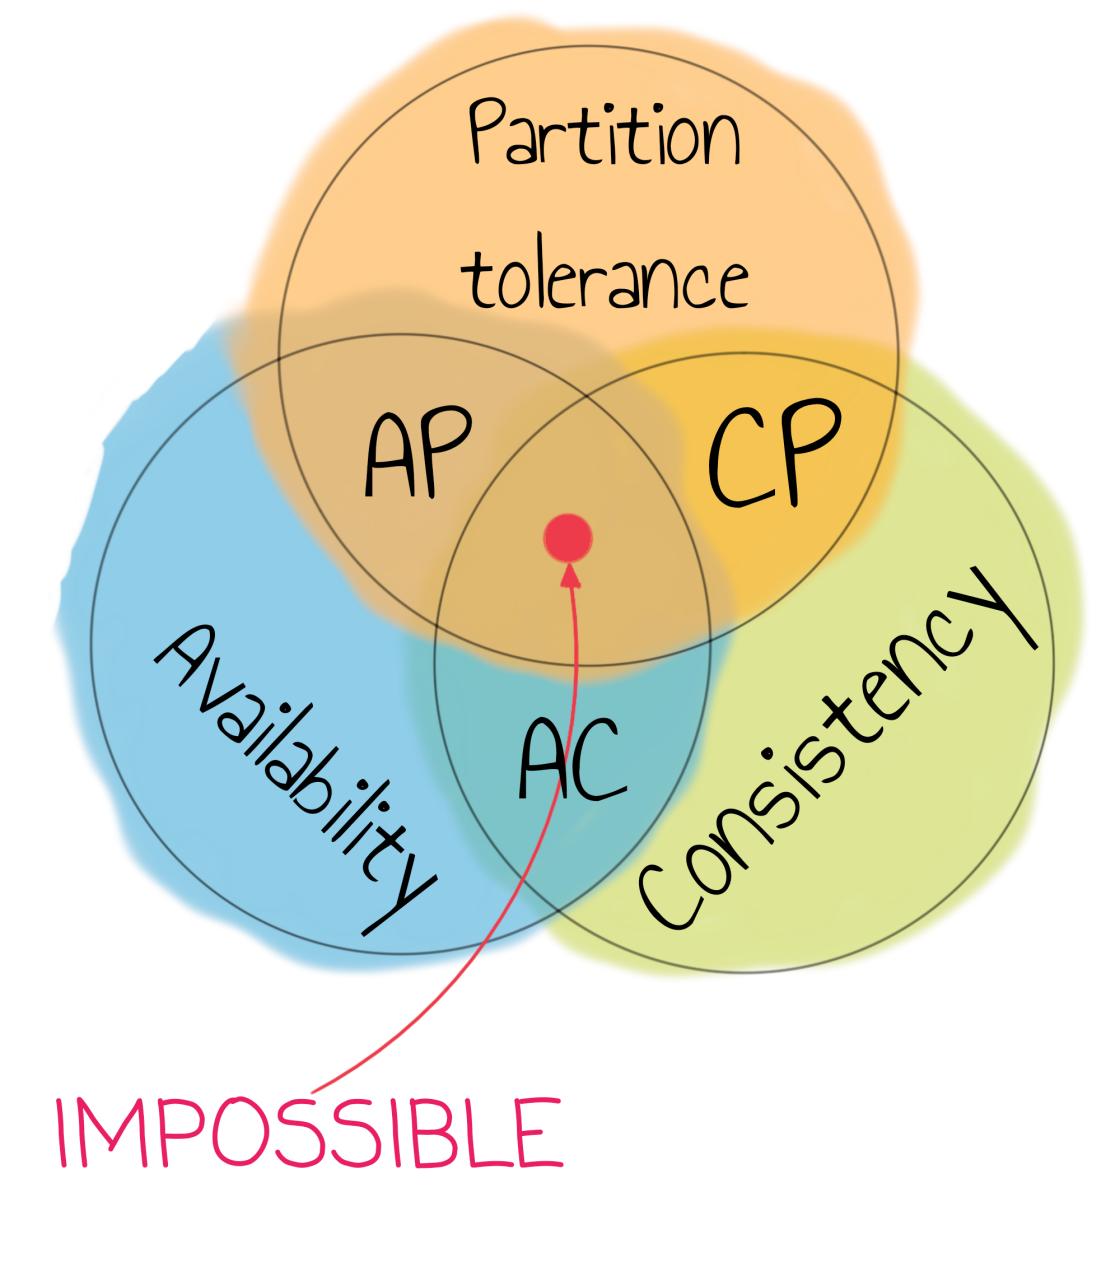 CAP theorem visualization